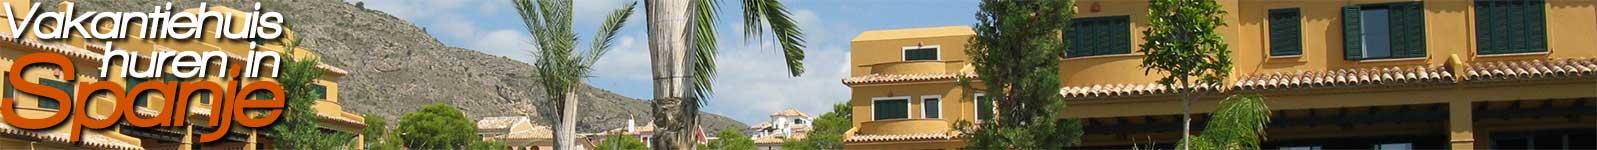 VakantiehuisHurenInSpanje